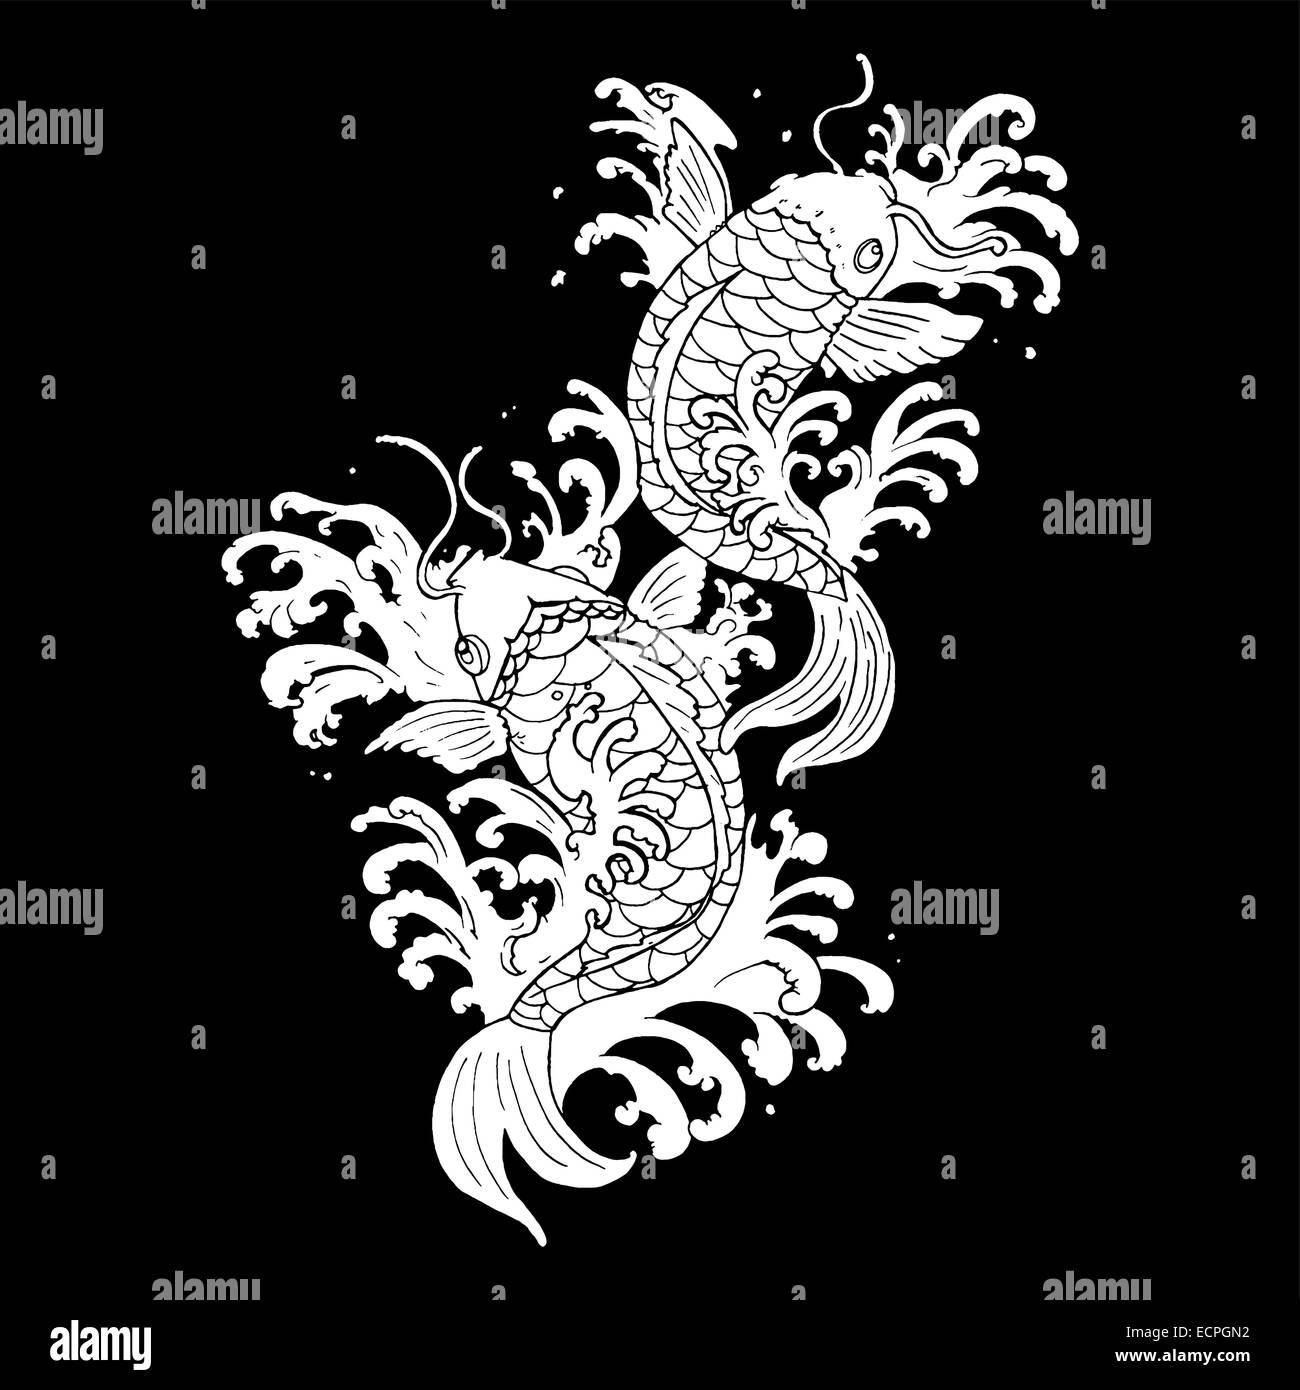 Tradicional Pez Koi Tatuaje Ilustración En Blanco Y Negro